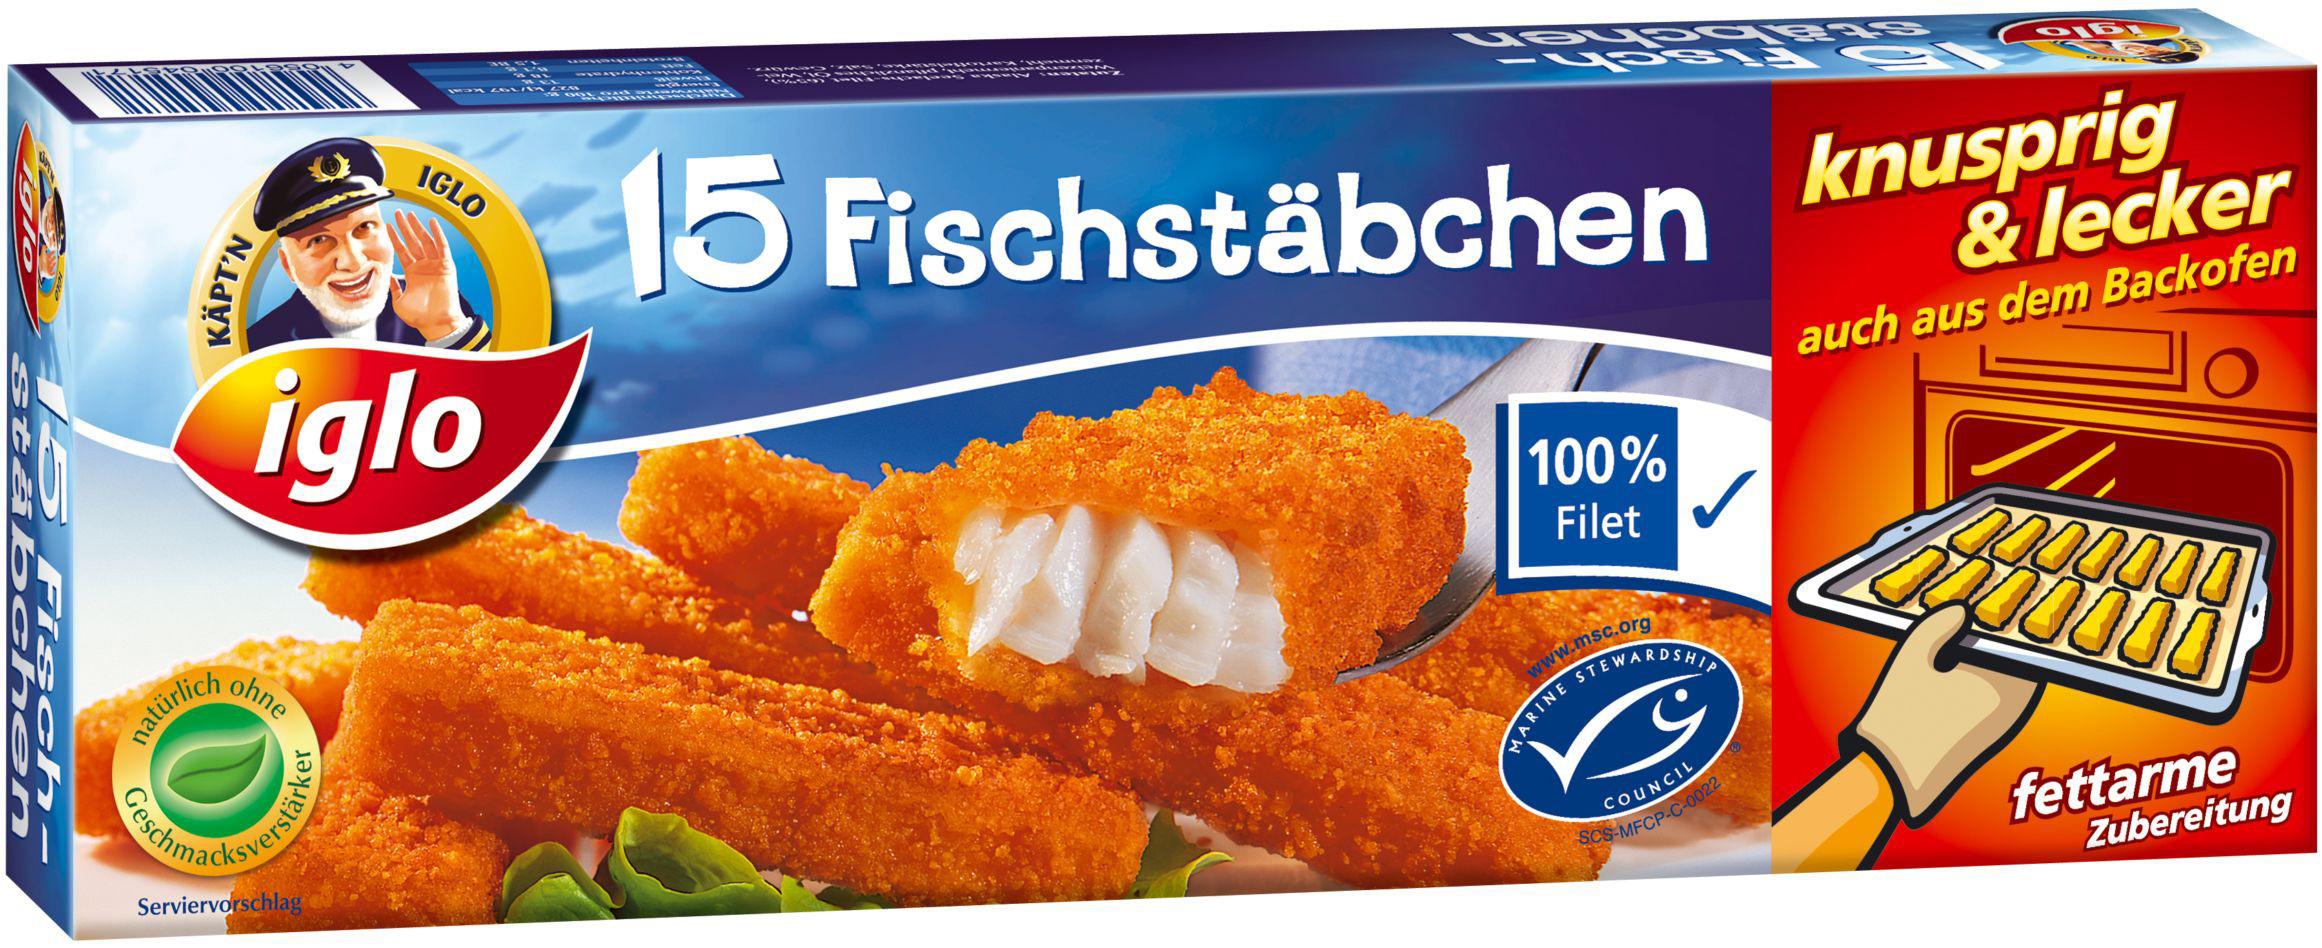 Iglo Fischstäbchen/Backfischstäbchen bei Lidl/Netto ab 08.06.17 (-0.50€ Coupies)